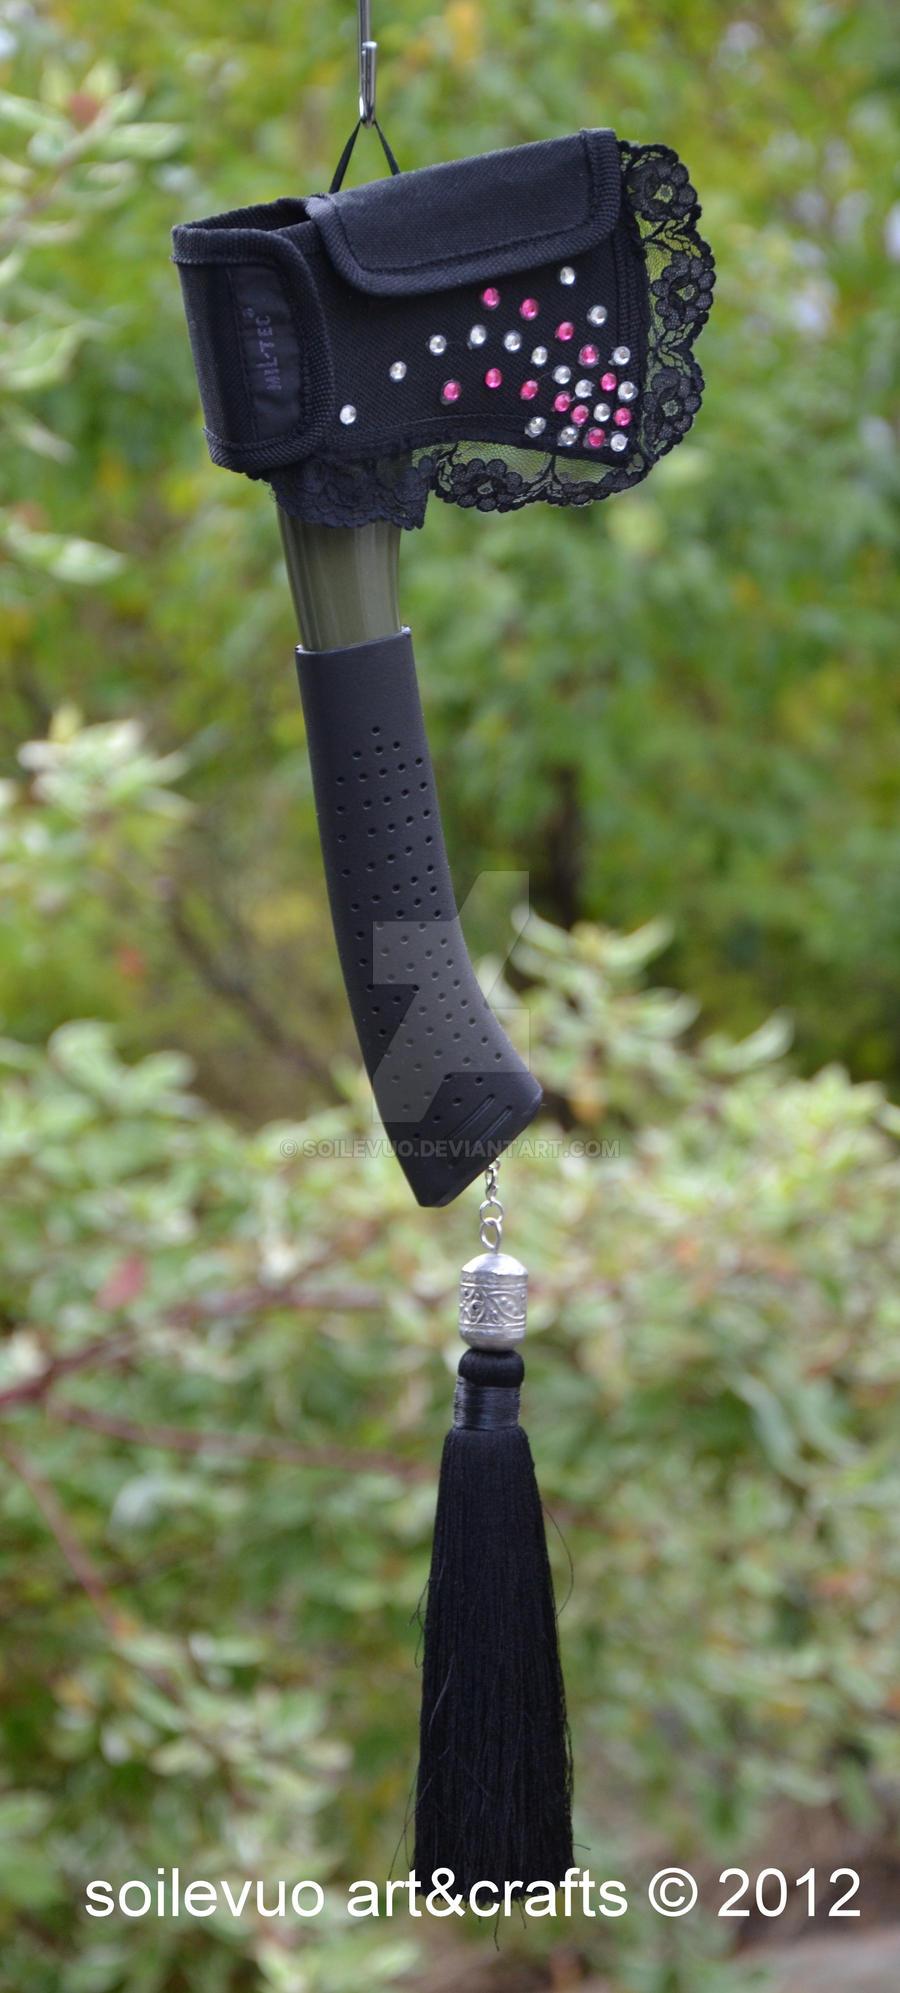 Hiking axe modified by soilevuo